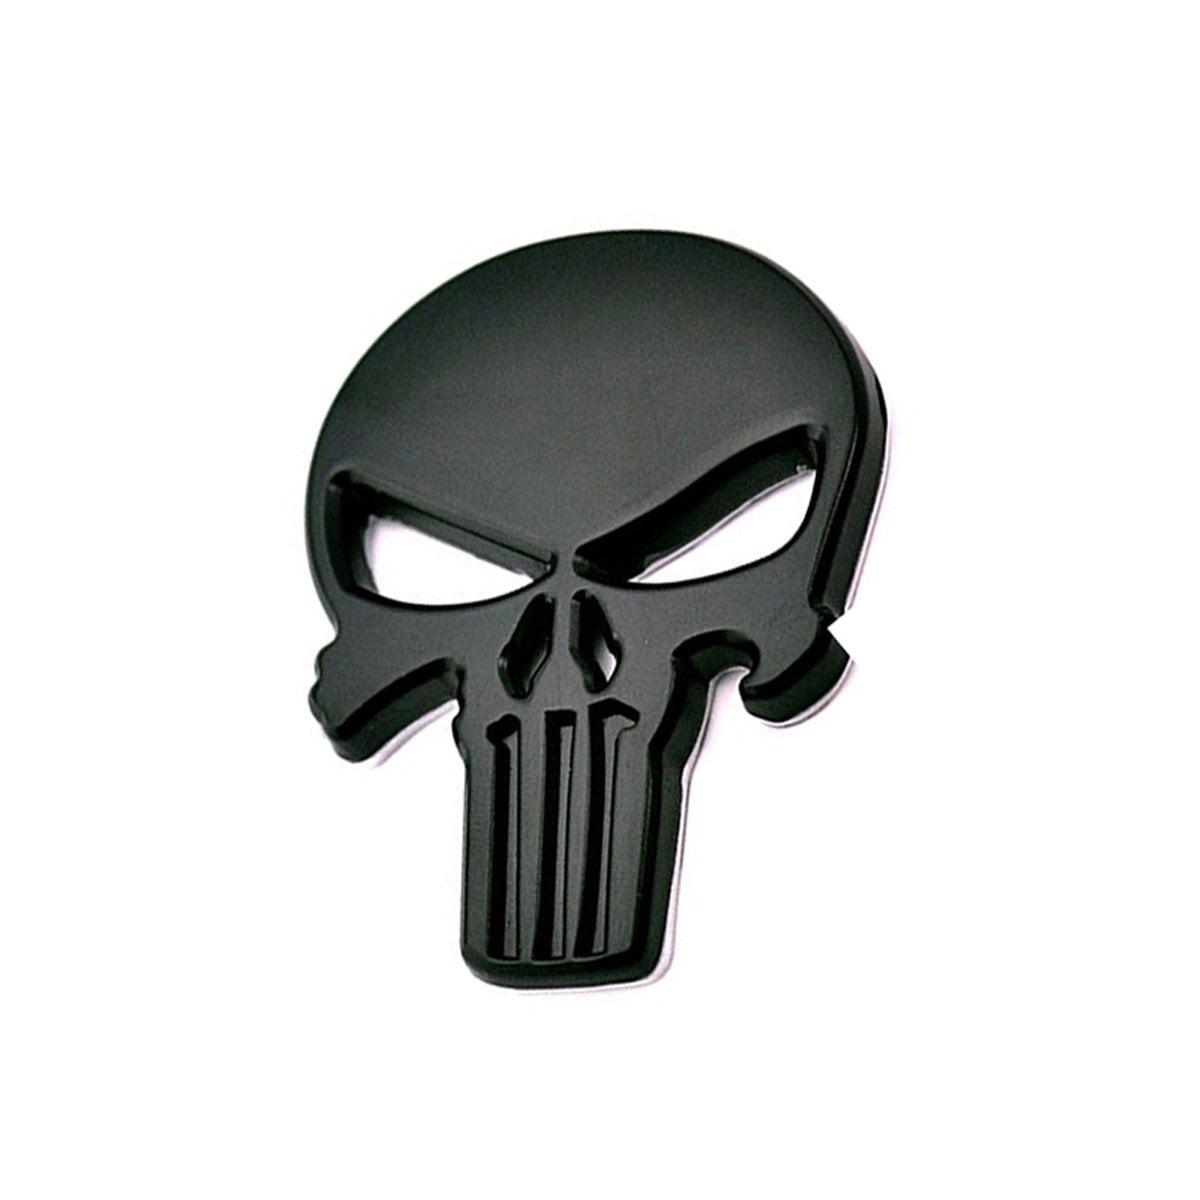 3D Matte Black Car Badge Skeleton Punisher Skull Emblem Metal Decal Stickers